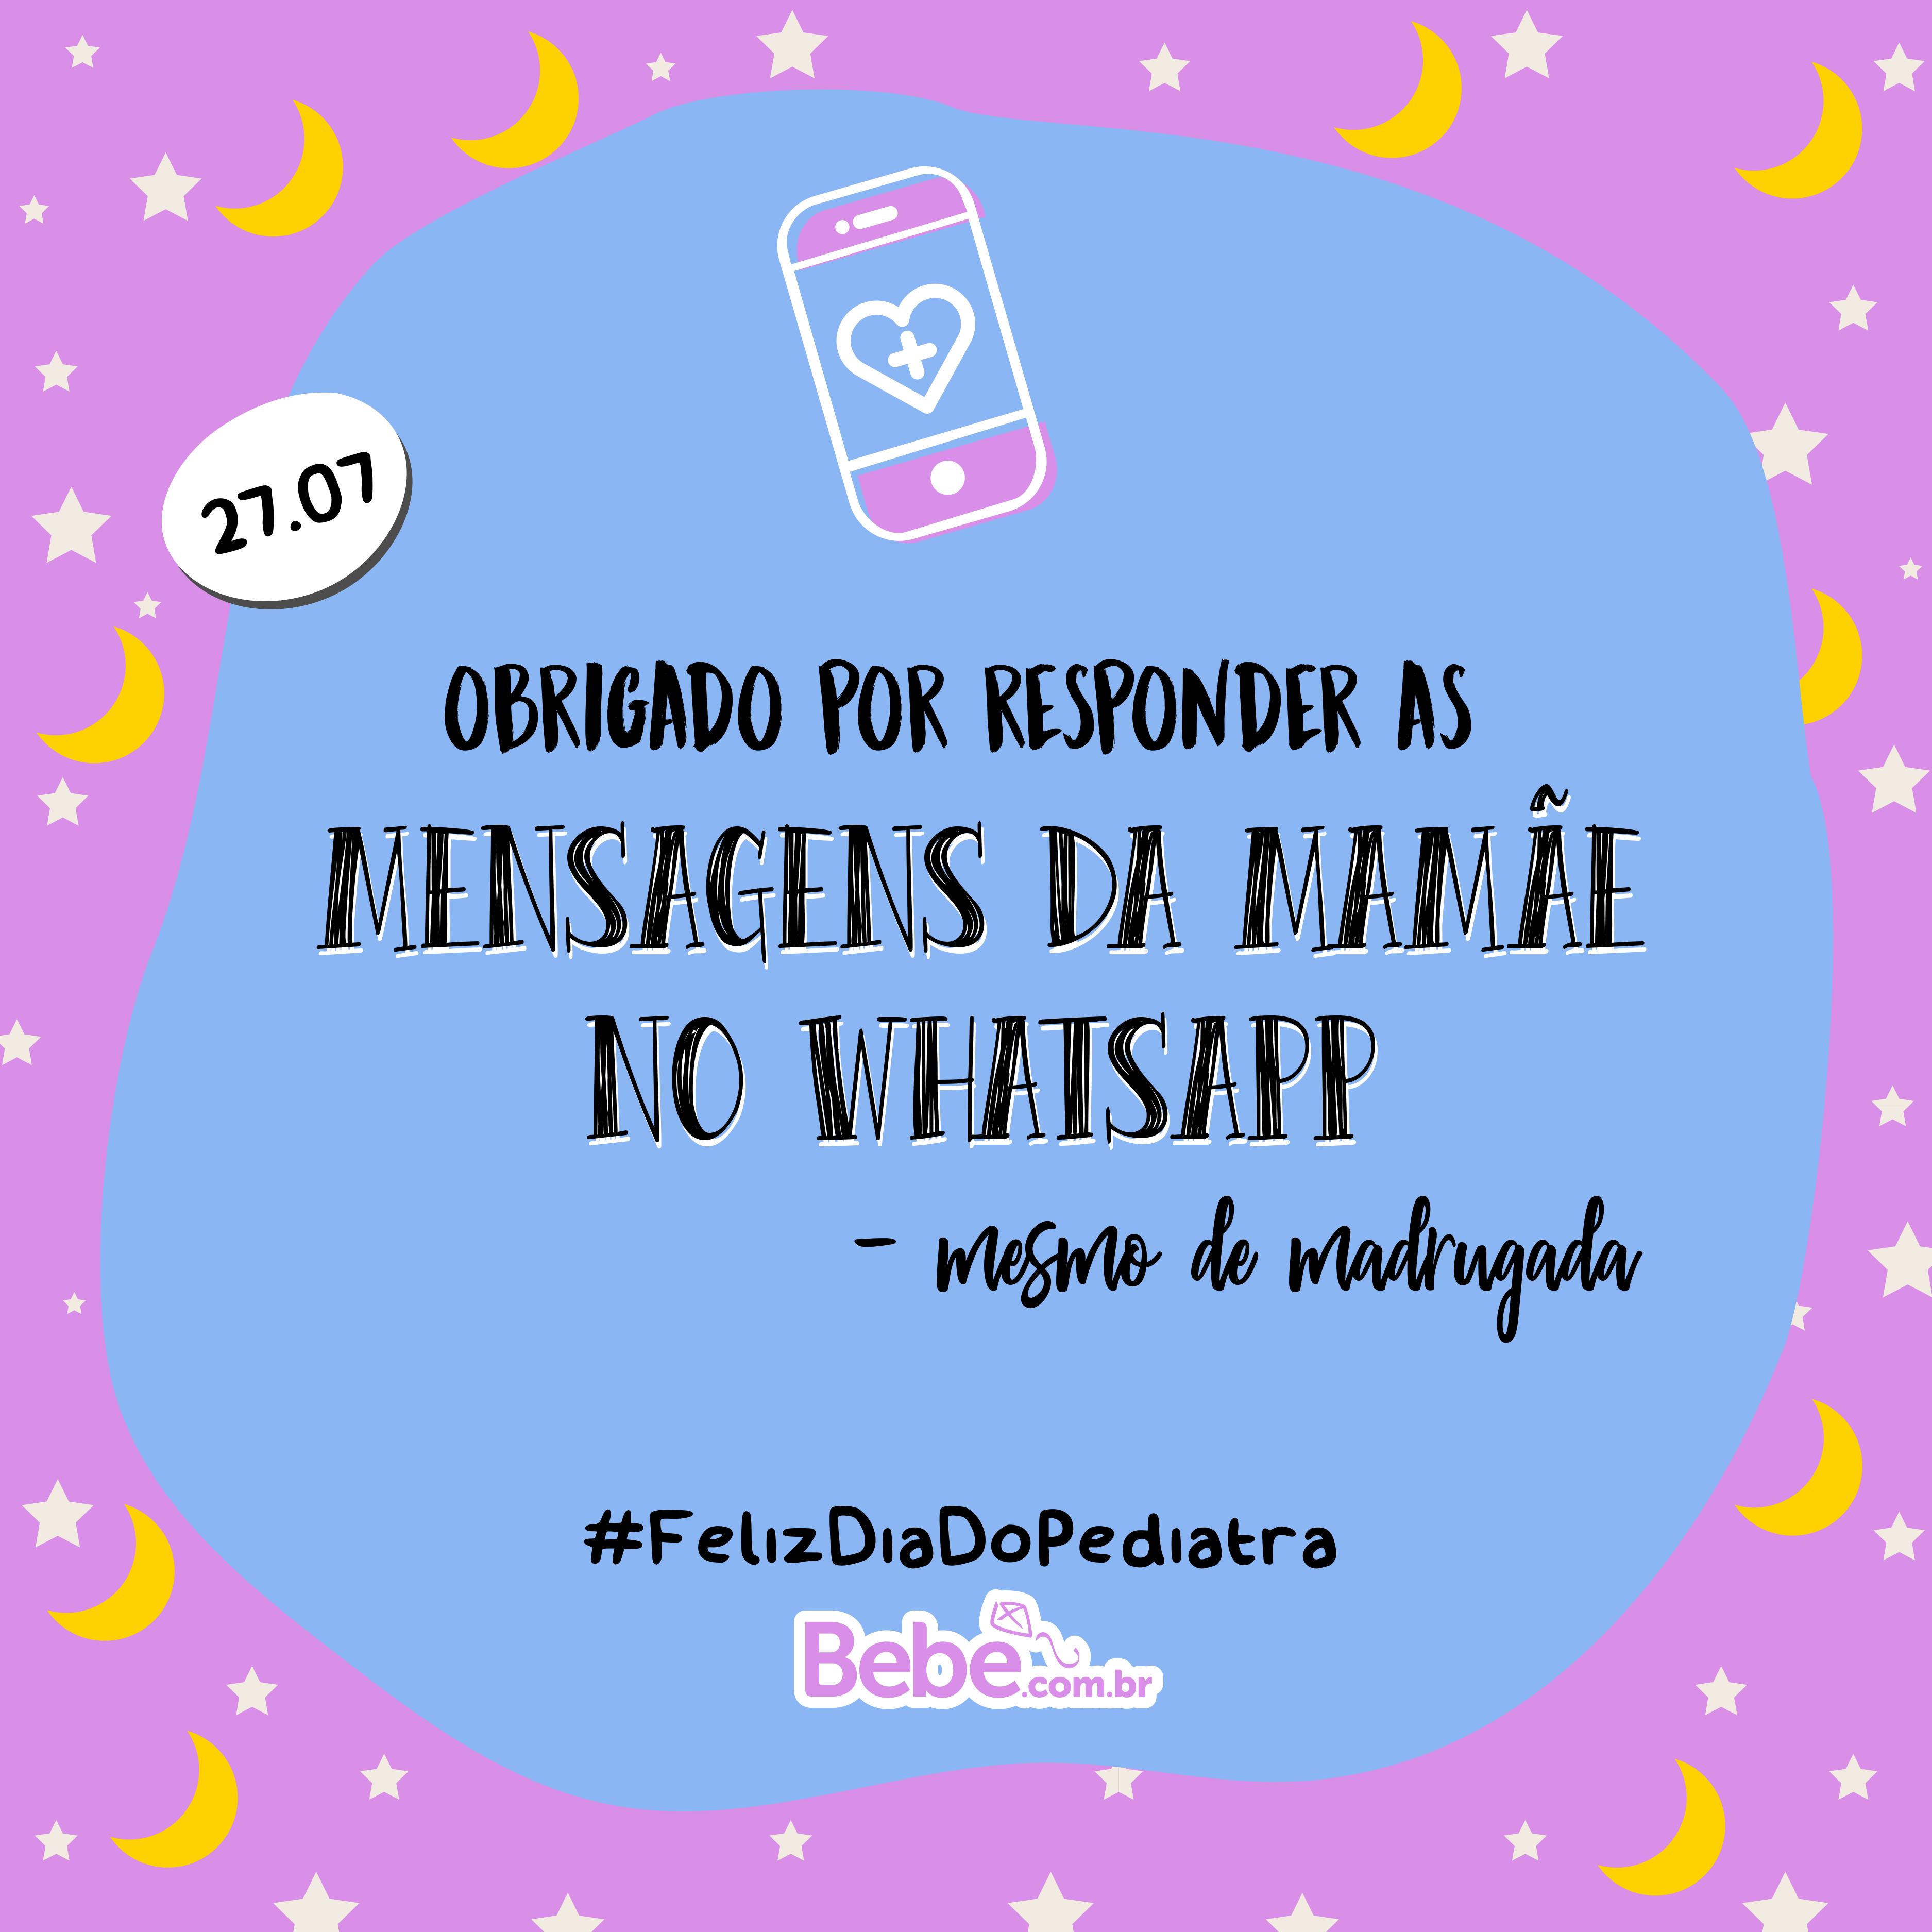 Dia do Pediatra: mensagens para enviar para o médico do seu filho